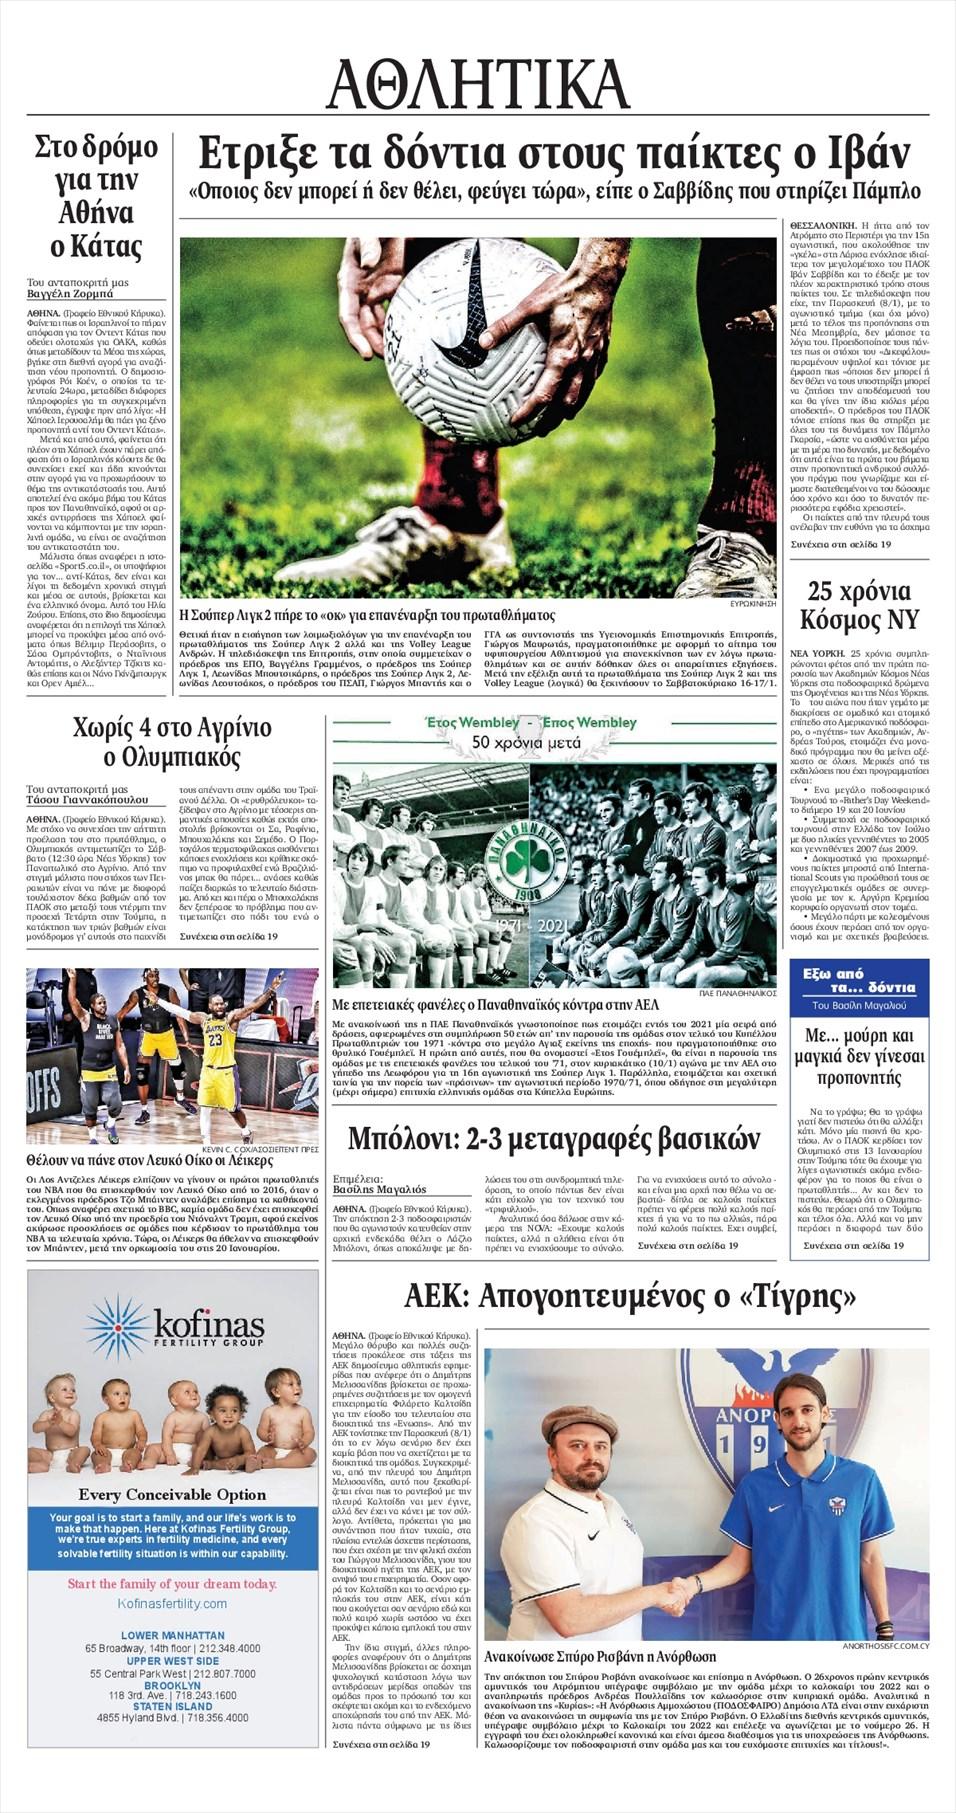 Οπισθόφυλλο εφημερίδας Εθνικός Κήρυξ